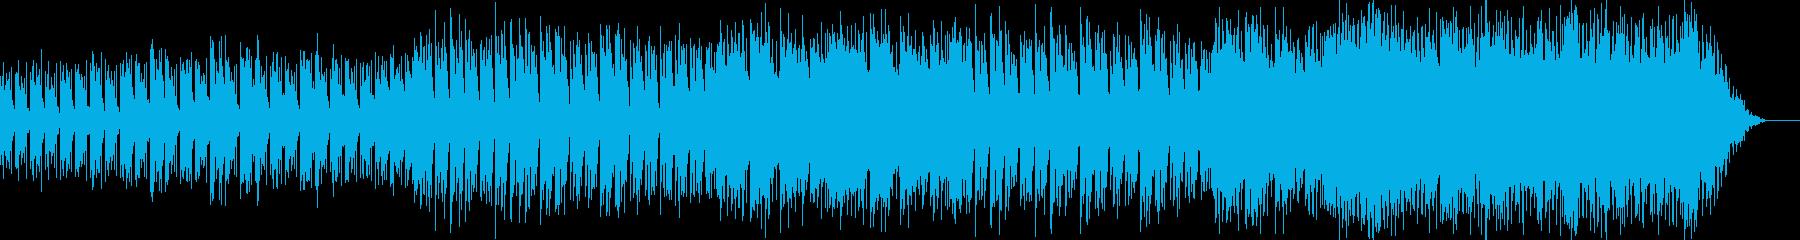 感動的なピアノメインの曲ですの再生済みの波形